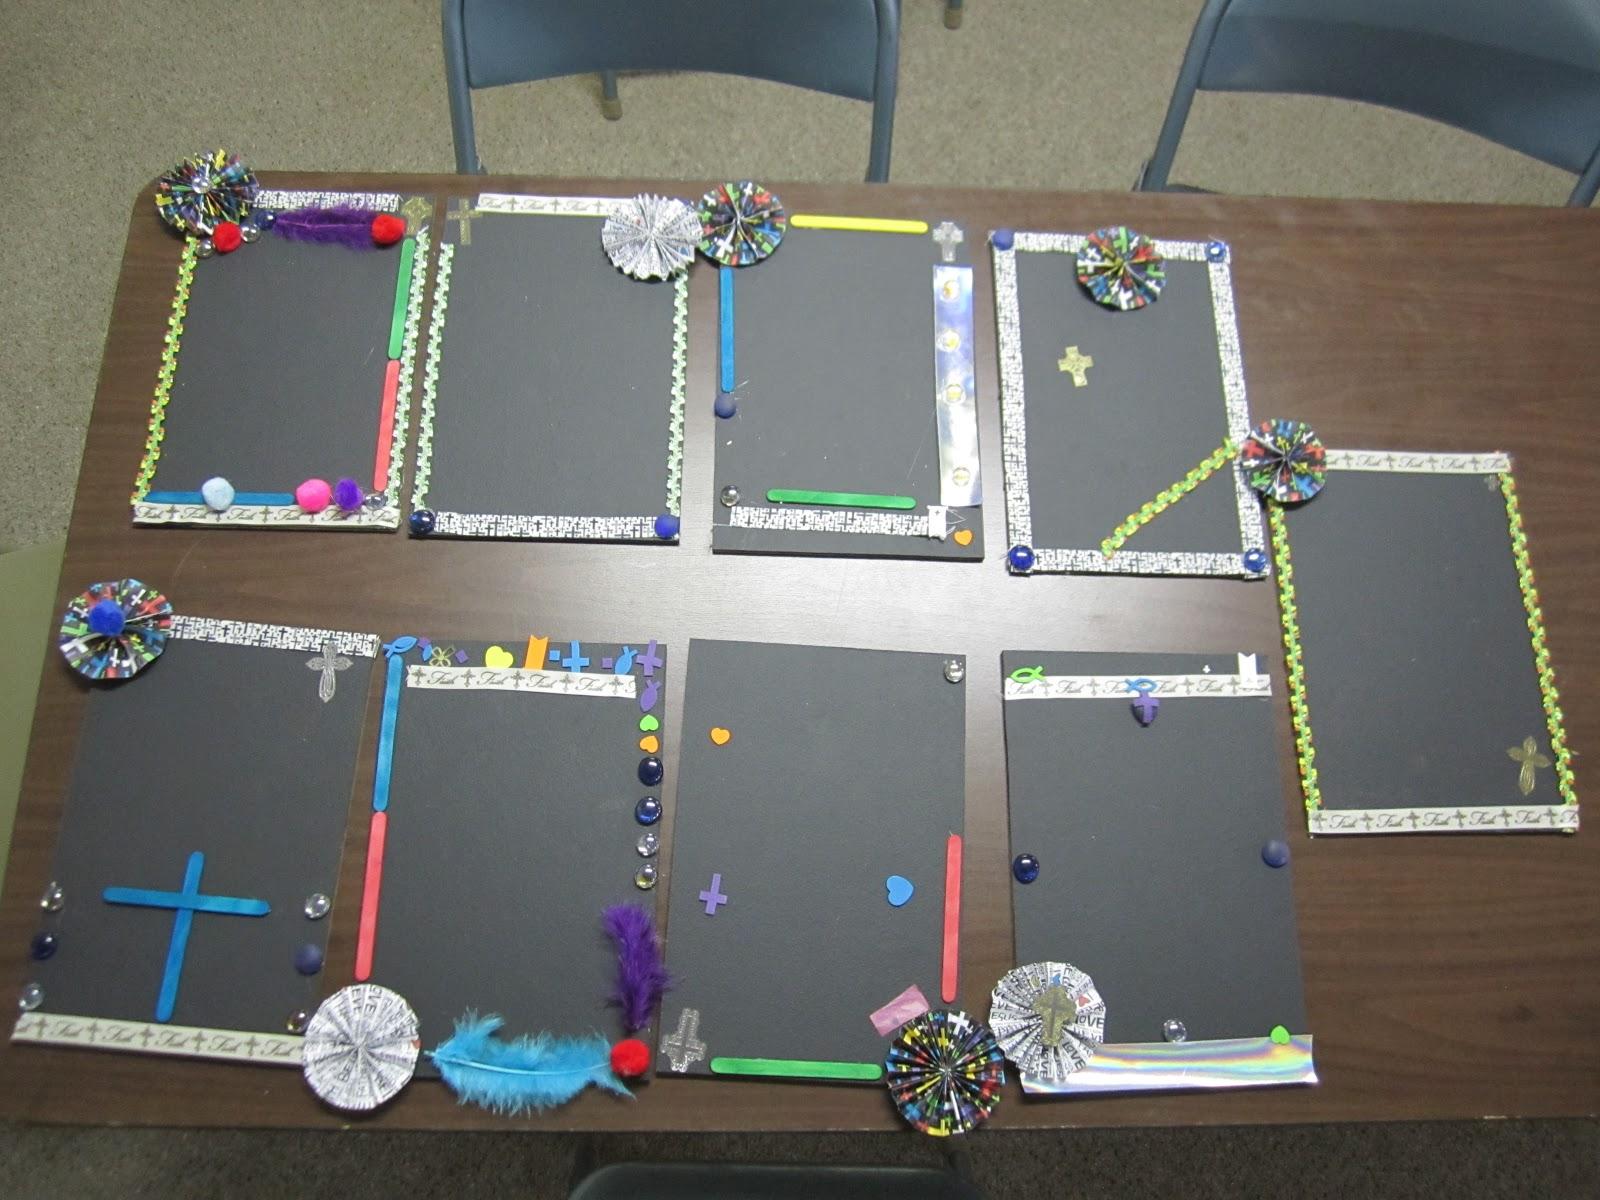 successful secrets children chalkboard church u003d christ